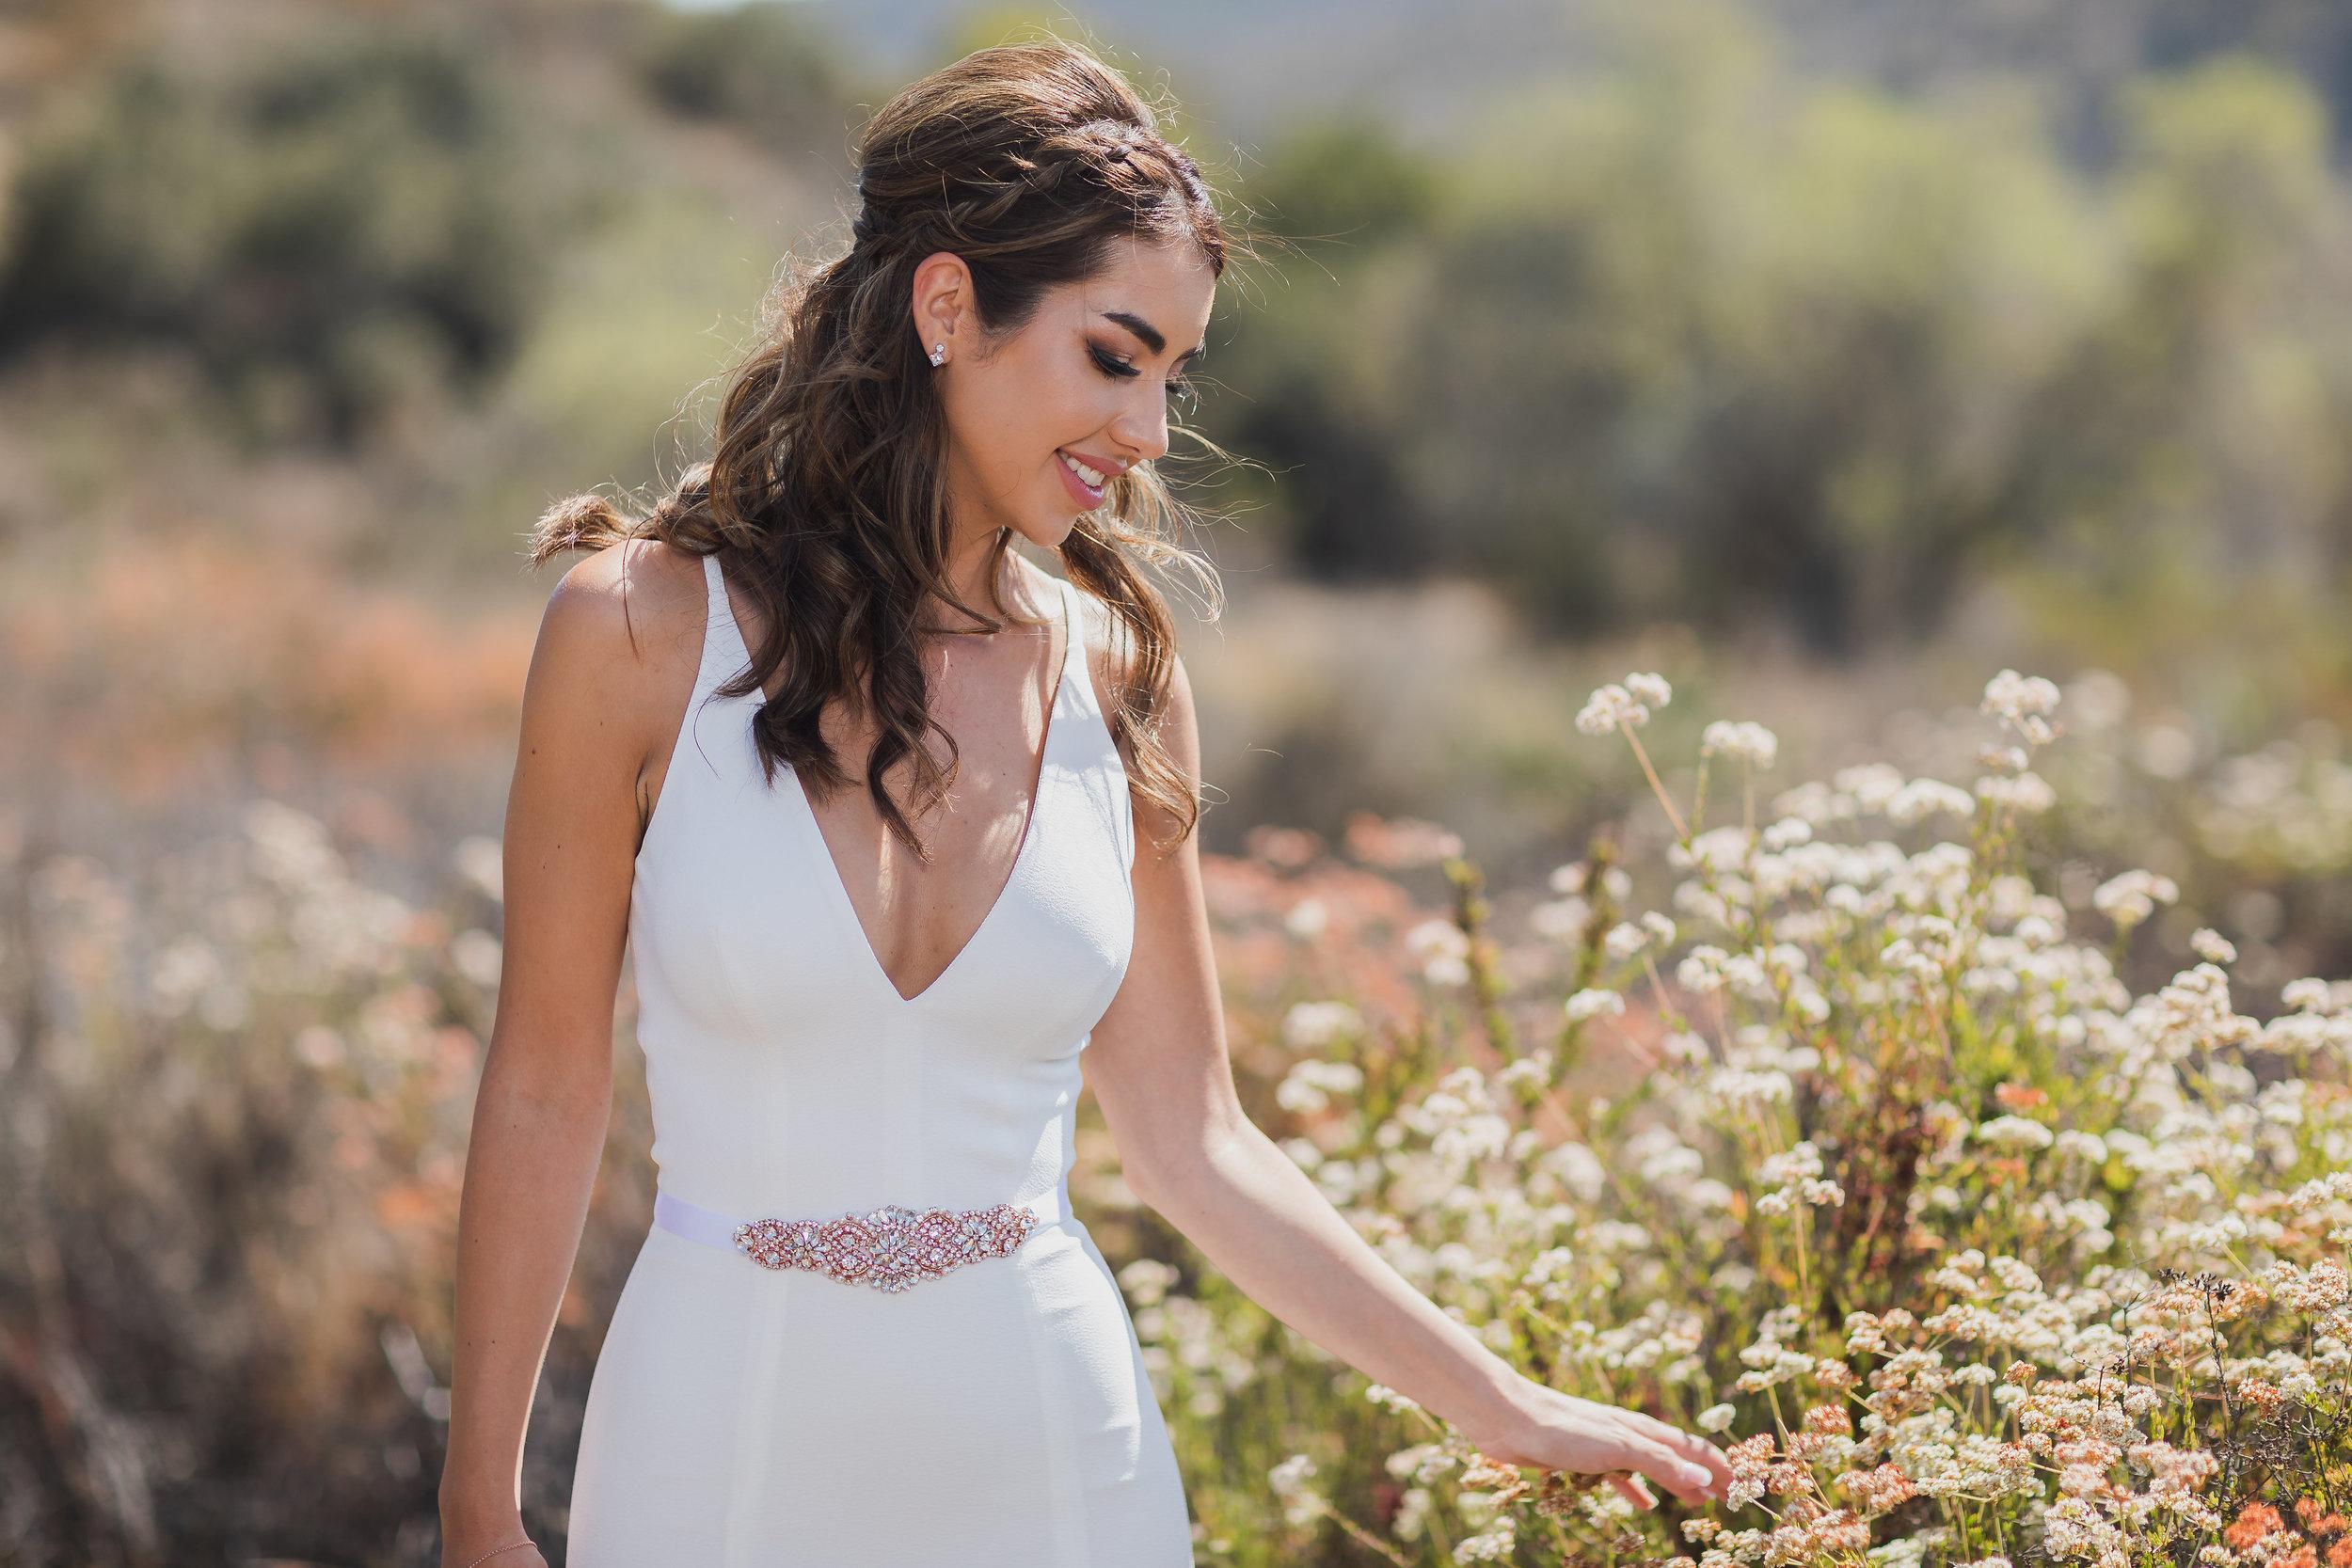 Photo of Bride walking among the desert flowers.jpg